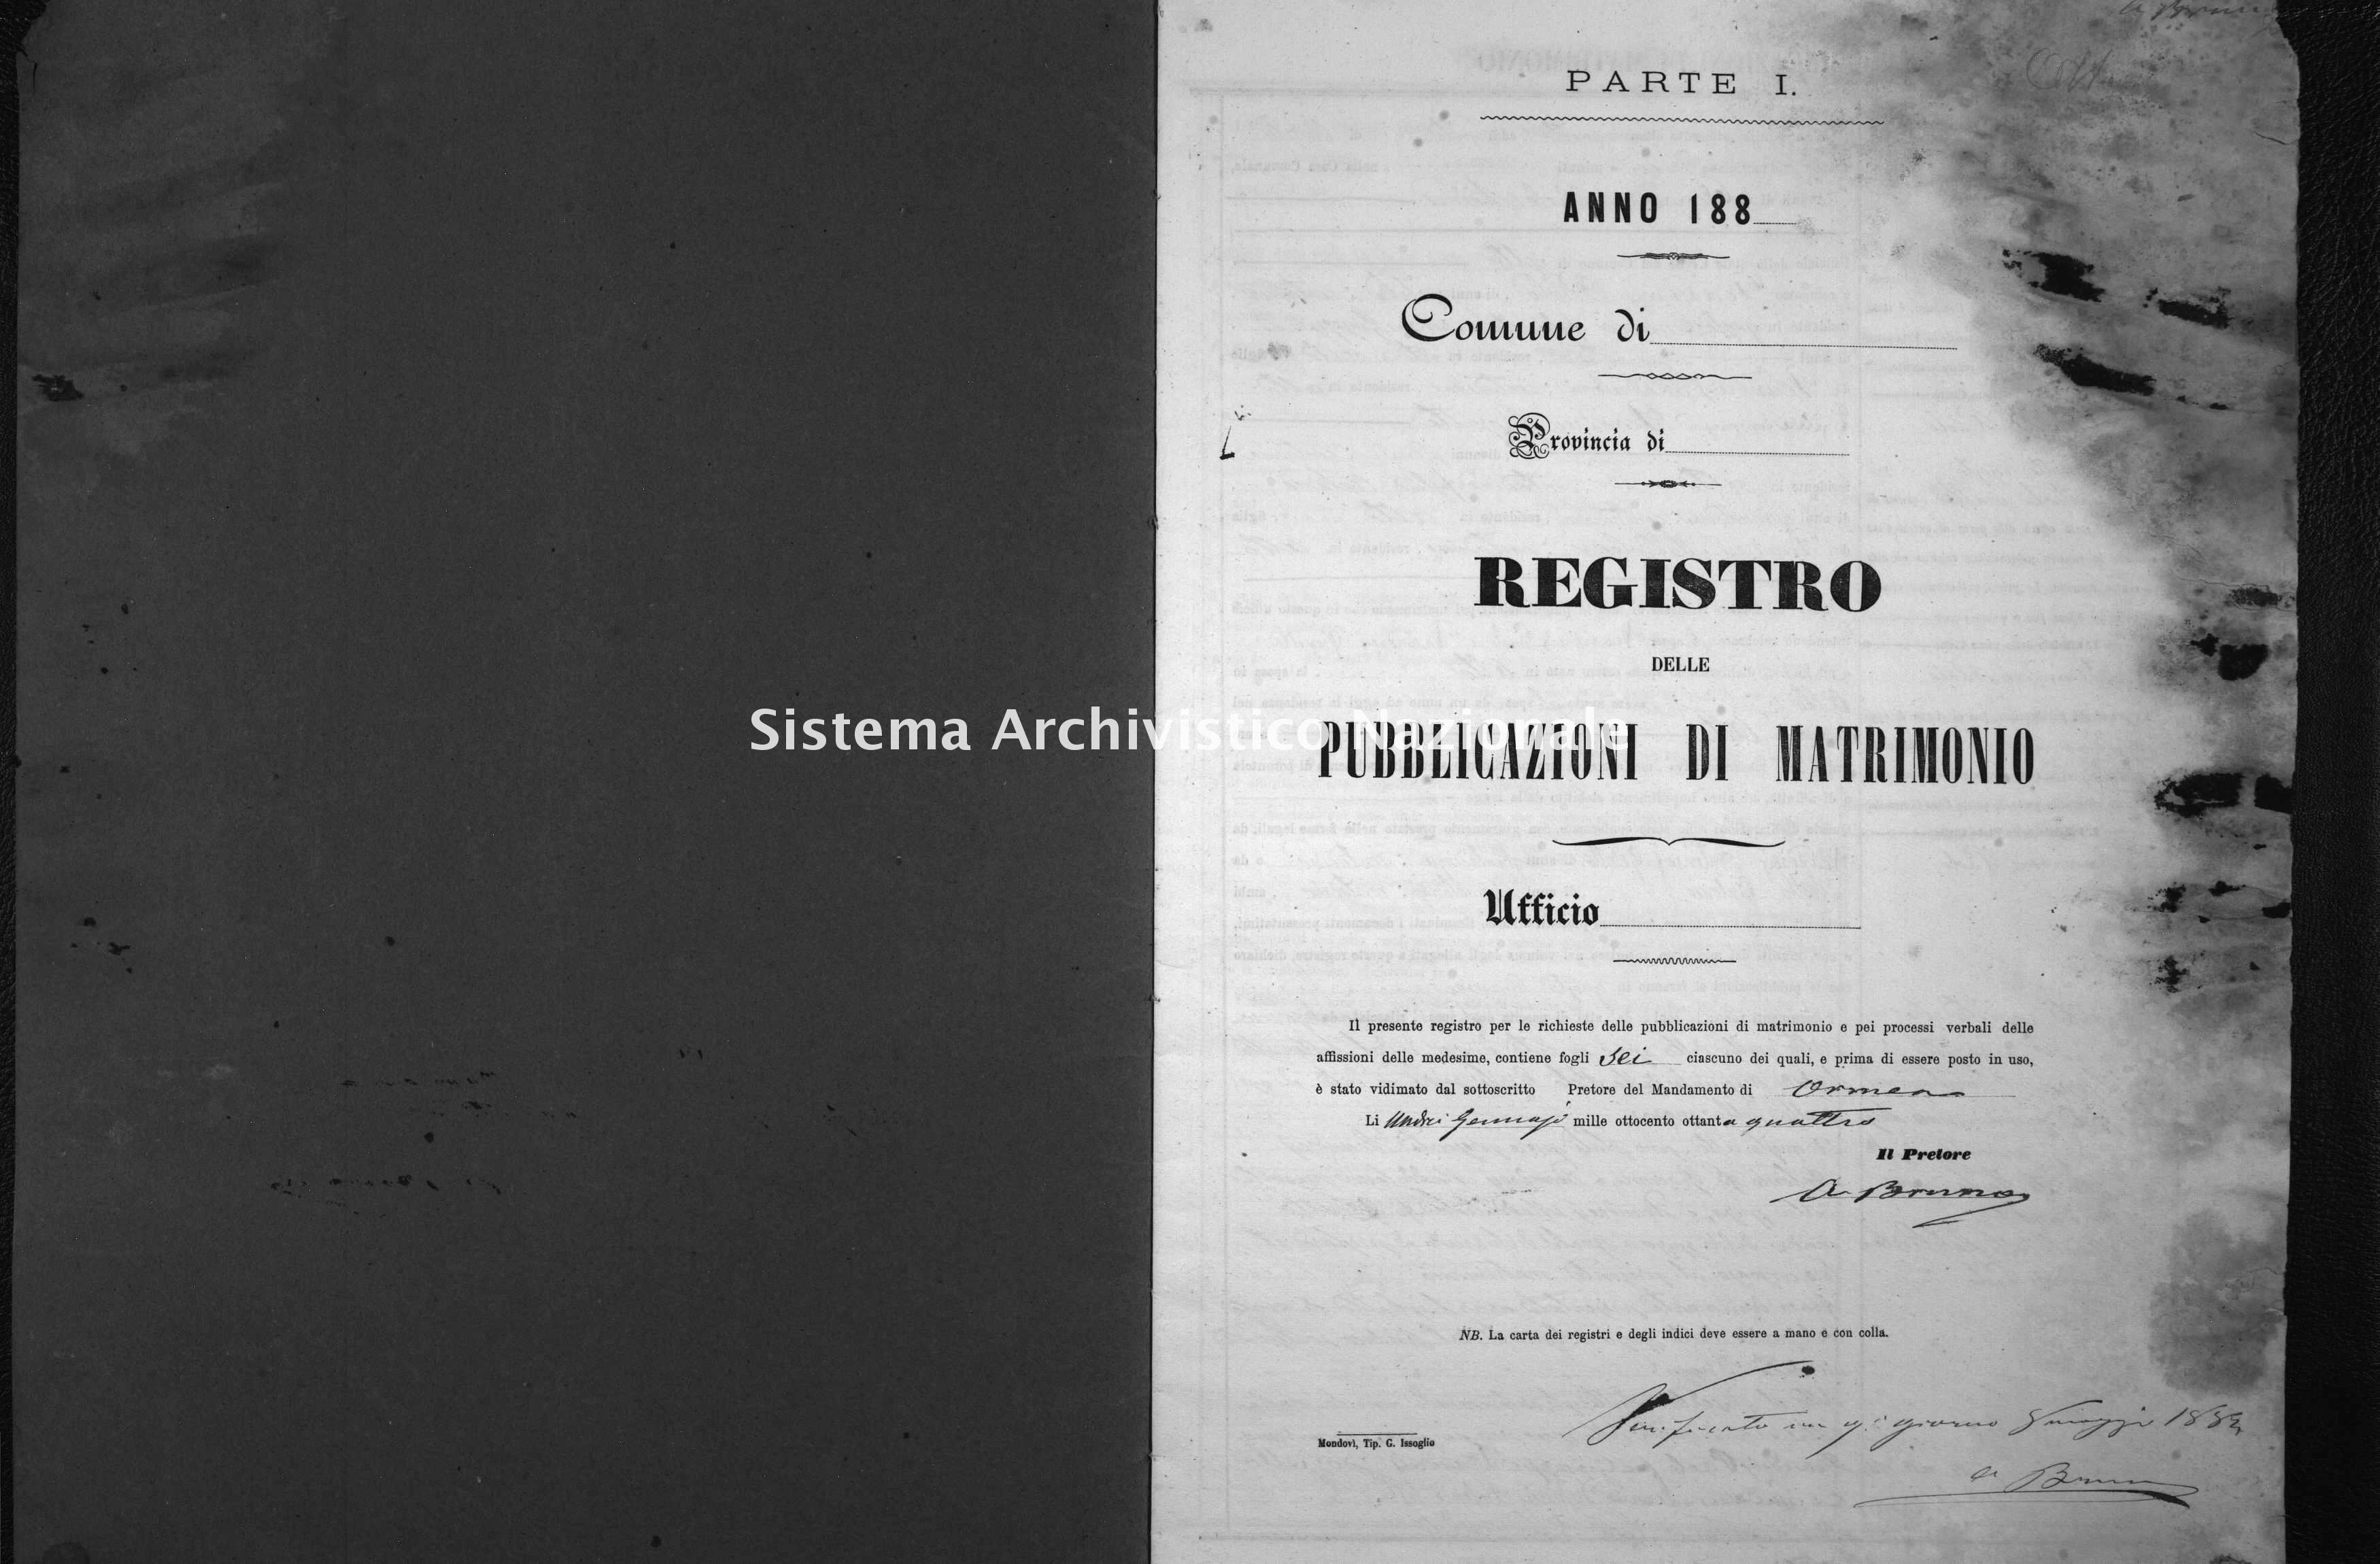 Archivio di stato di Cuneo - Stato civile italiano - Alto - Matrimoni, pubblicazioni - 1884 -